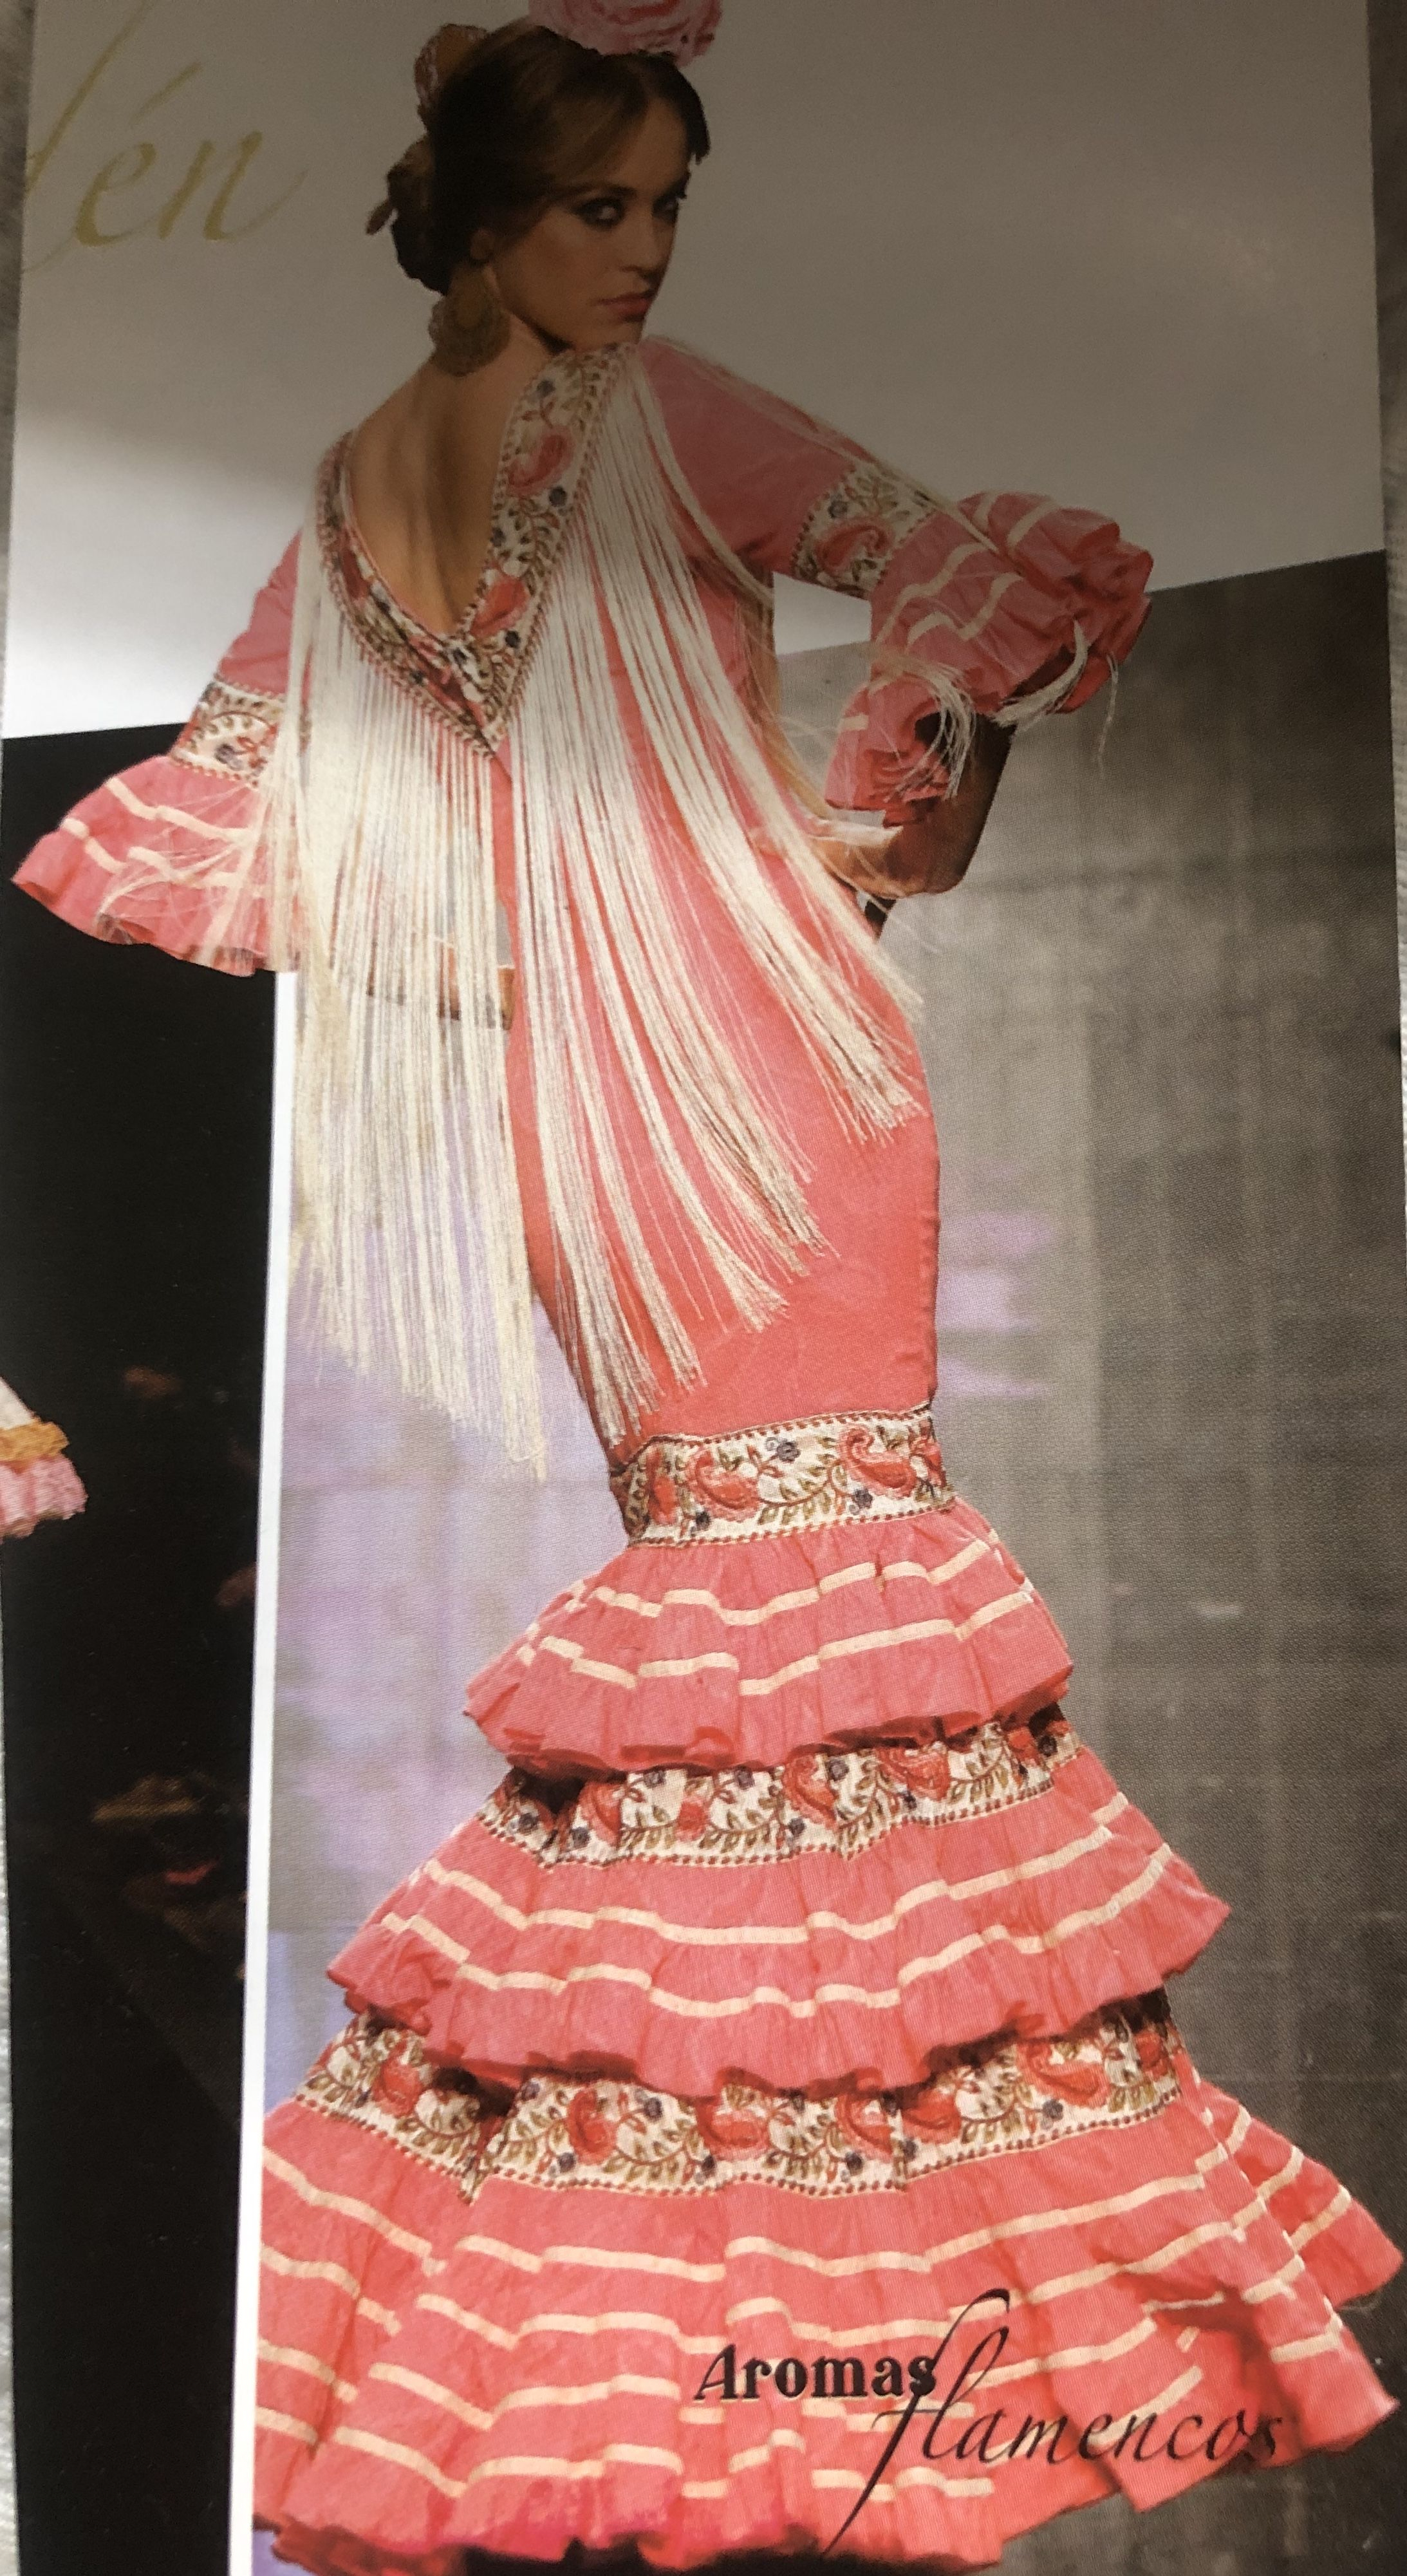 Pin de Cositasdequerubin en Moda flamenca en 2020 Moda